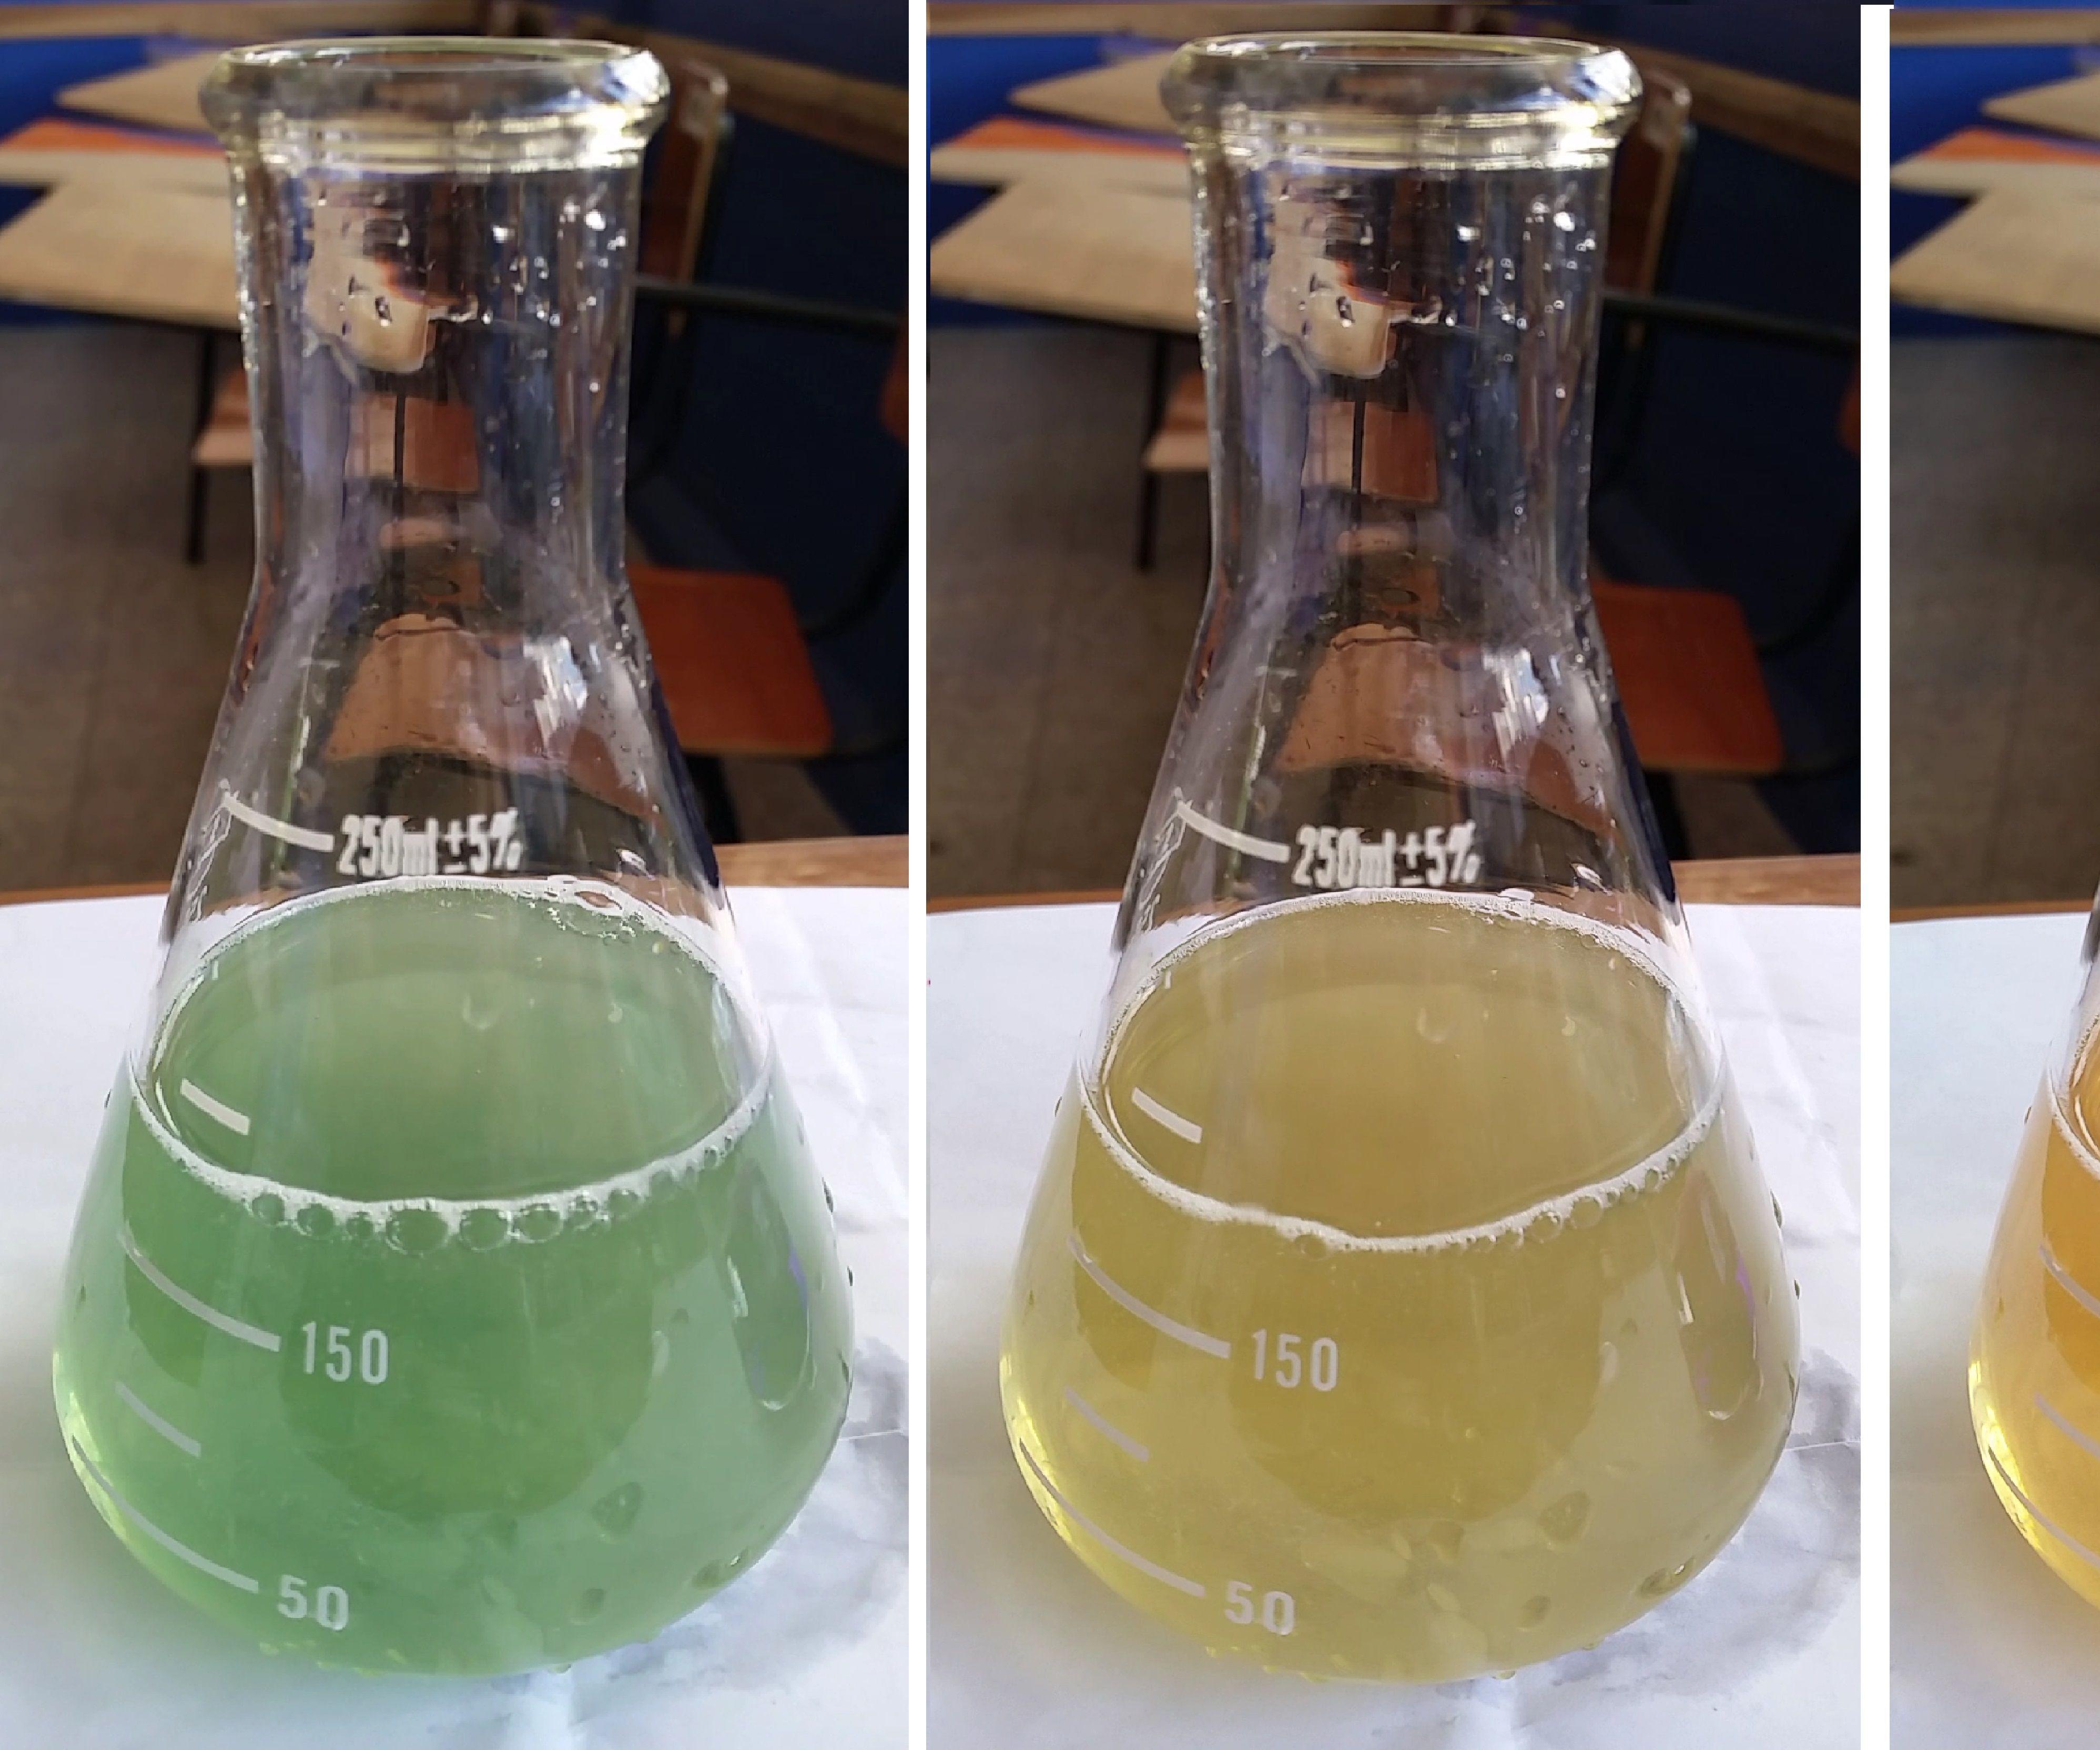 Reacción química del permanganato de potasio con sacarosa en medio básico